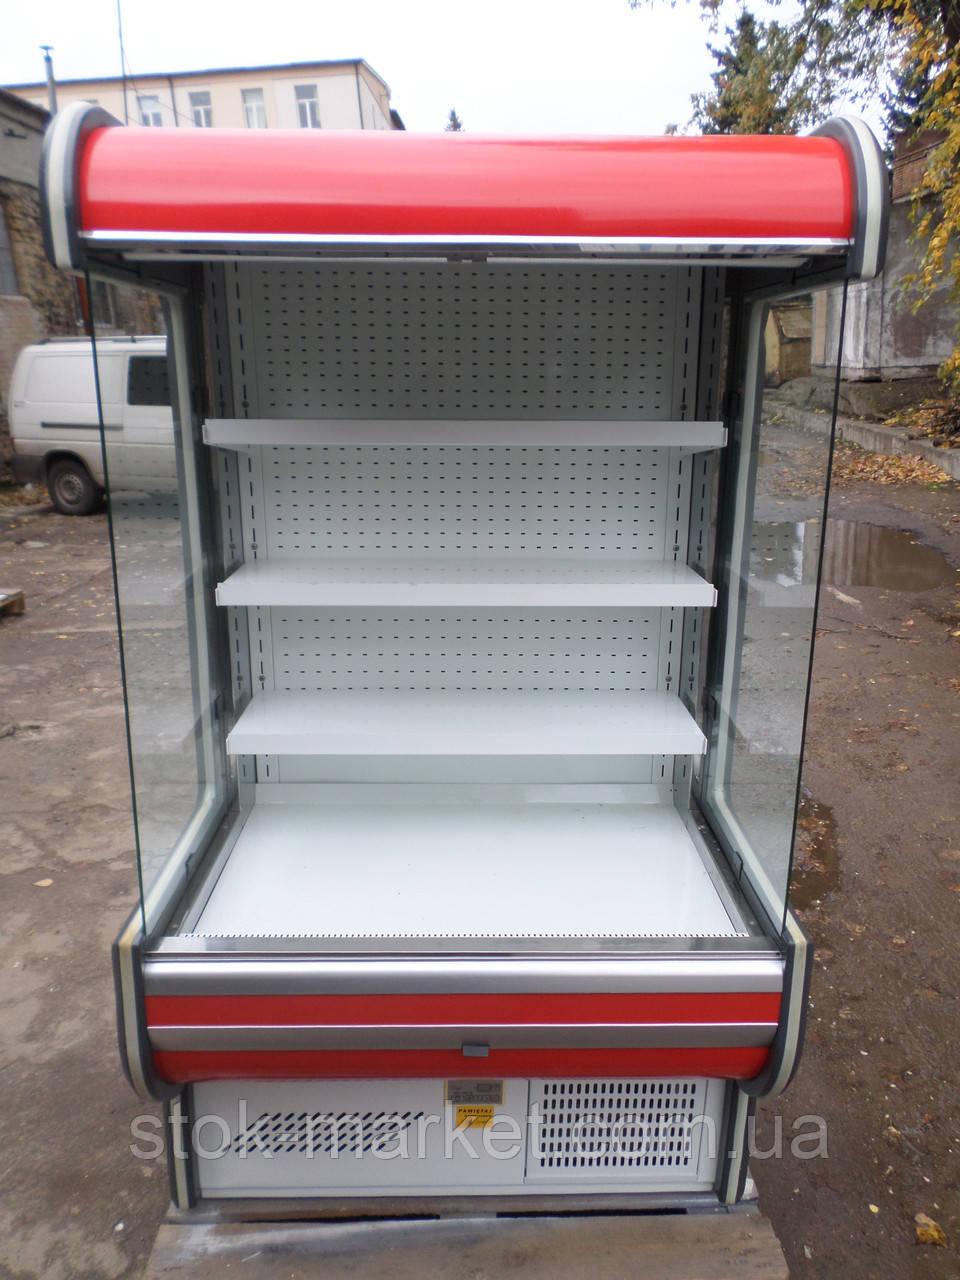 Горки холодильные MAWI 1,2 м.бу., холодильный регал б/у